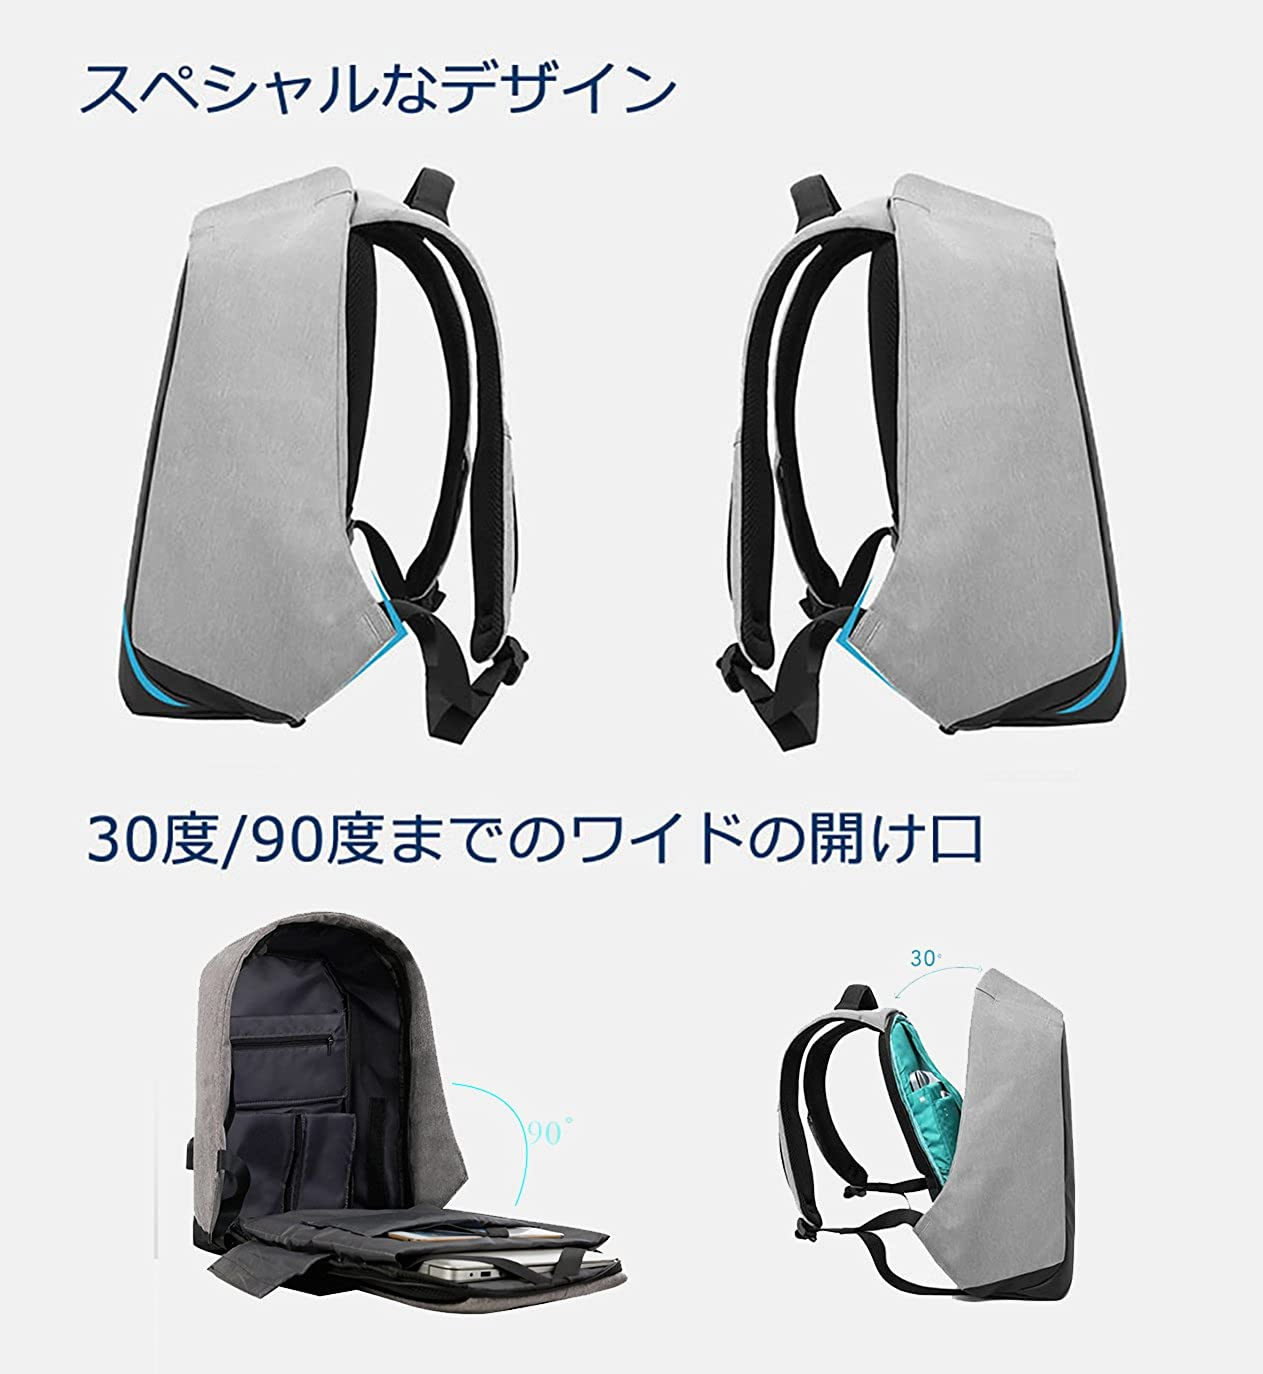 6dd9c5319943 Amazon.co.jp: Y-MASTER 多機能リュック バックパック 防水 ビジネス 盗難防止 リュックサック ビジネス トラベル USB  充電ポート 撥水 多機能 グレー: シューズ& ...